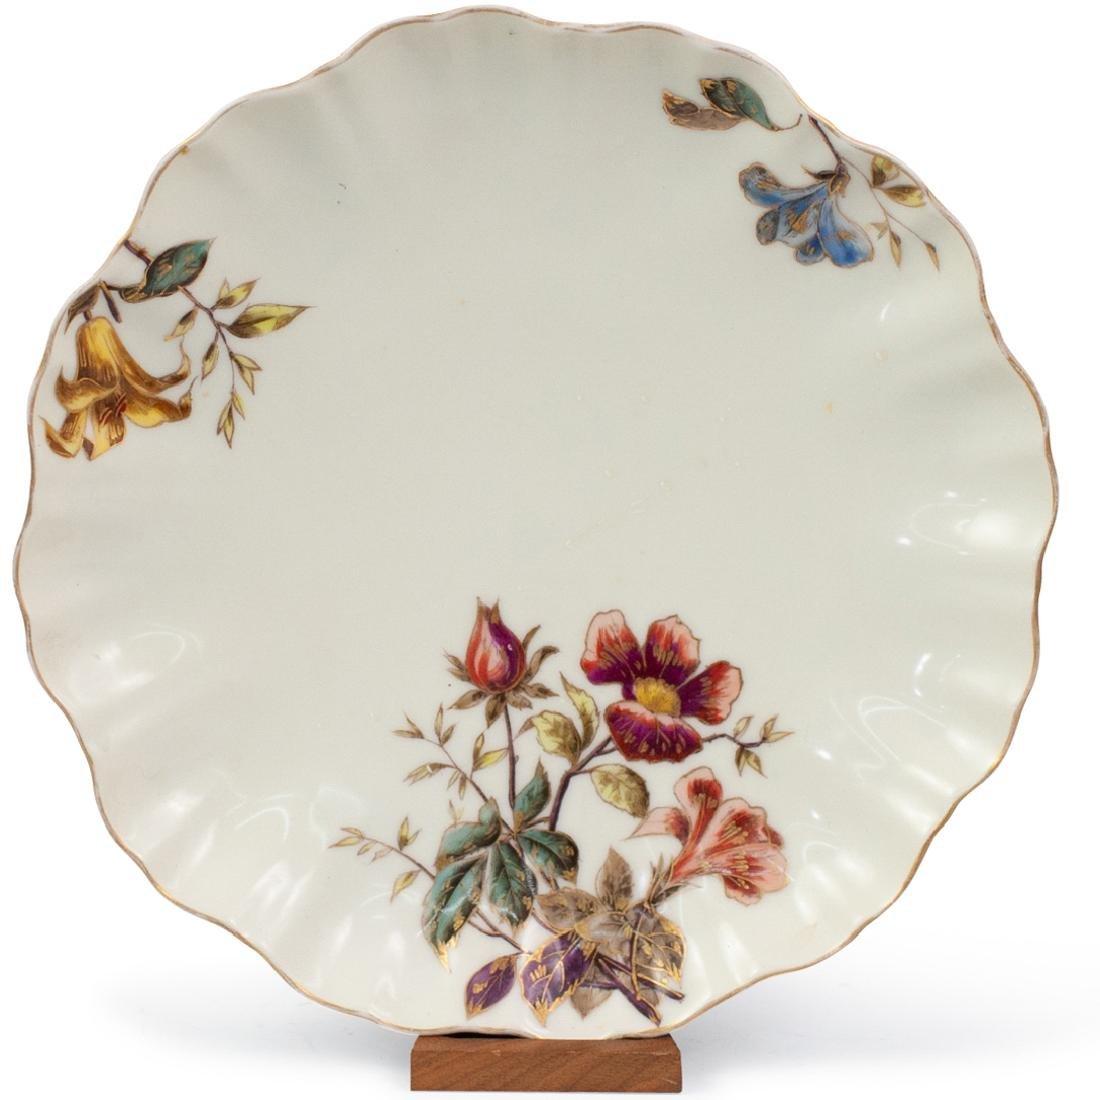 Limoges Porcelain Floral Serving Bowl